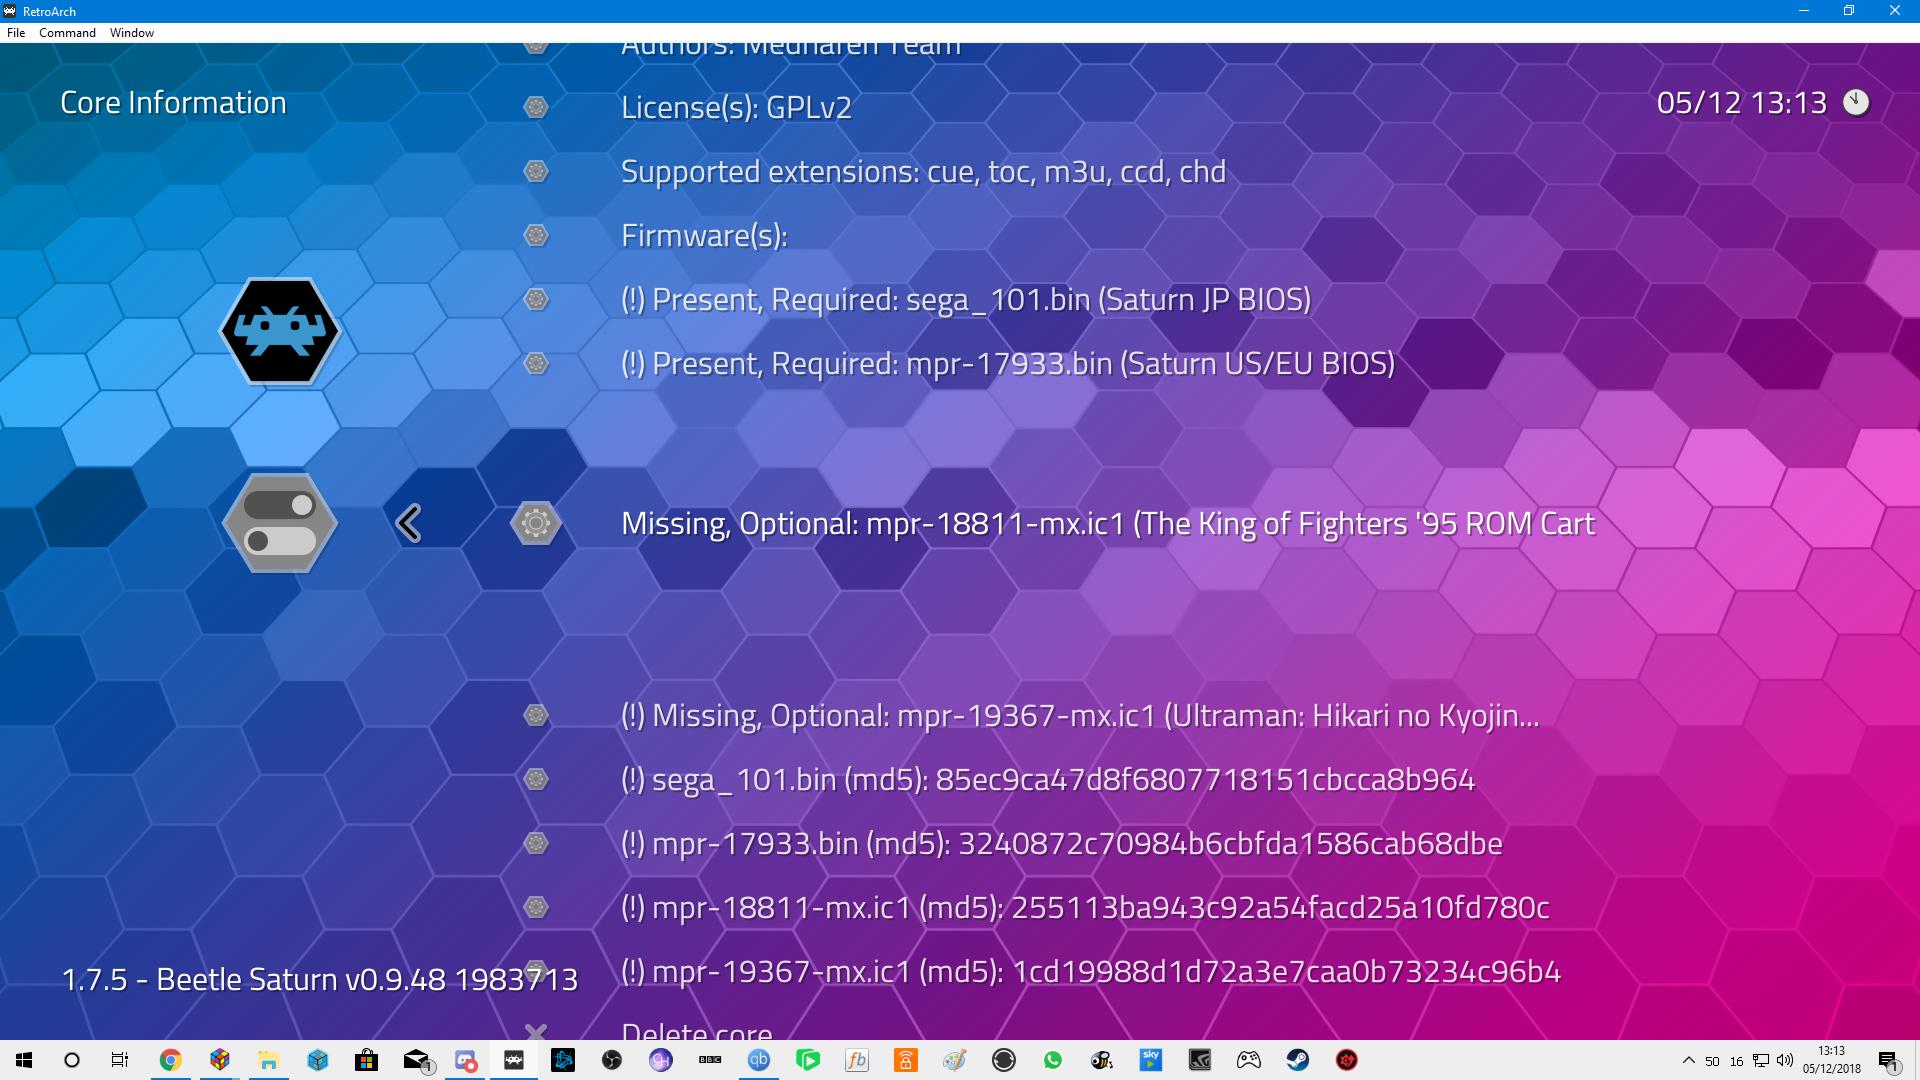 Retroarch and Mednafen - wont work - help - Emulation - LaunchBox